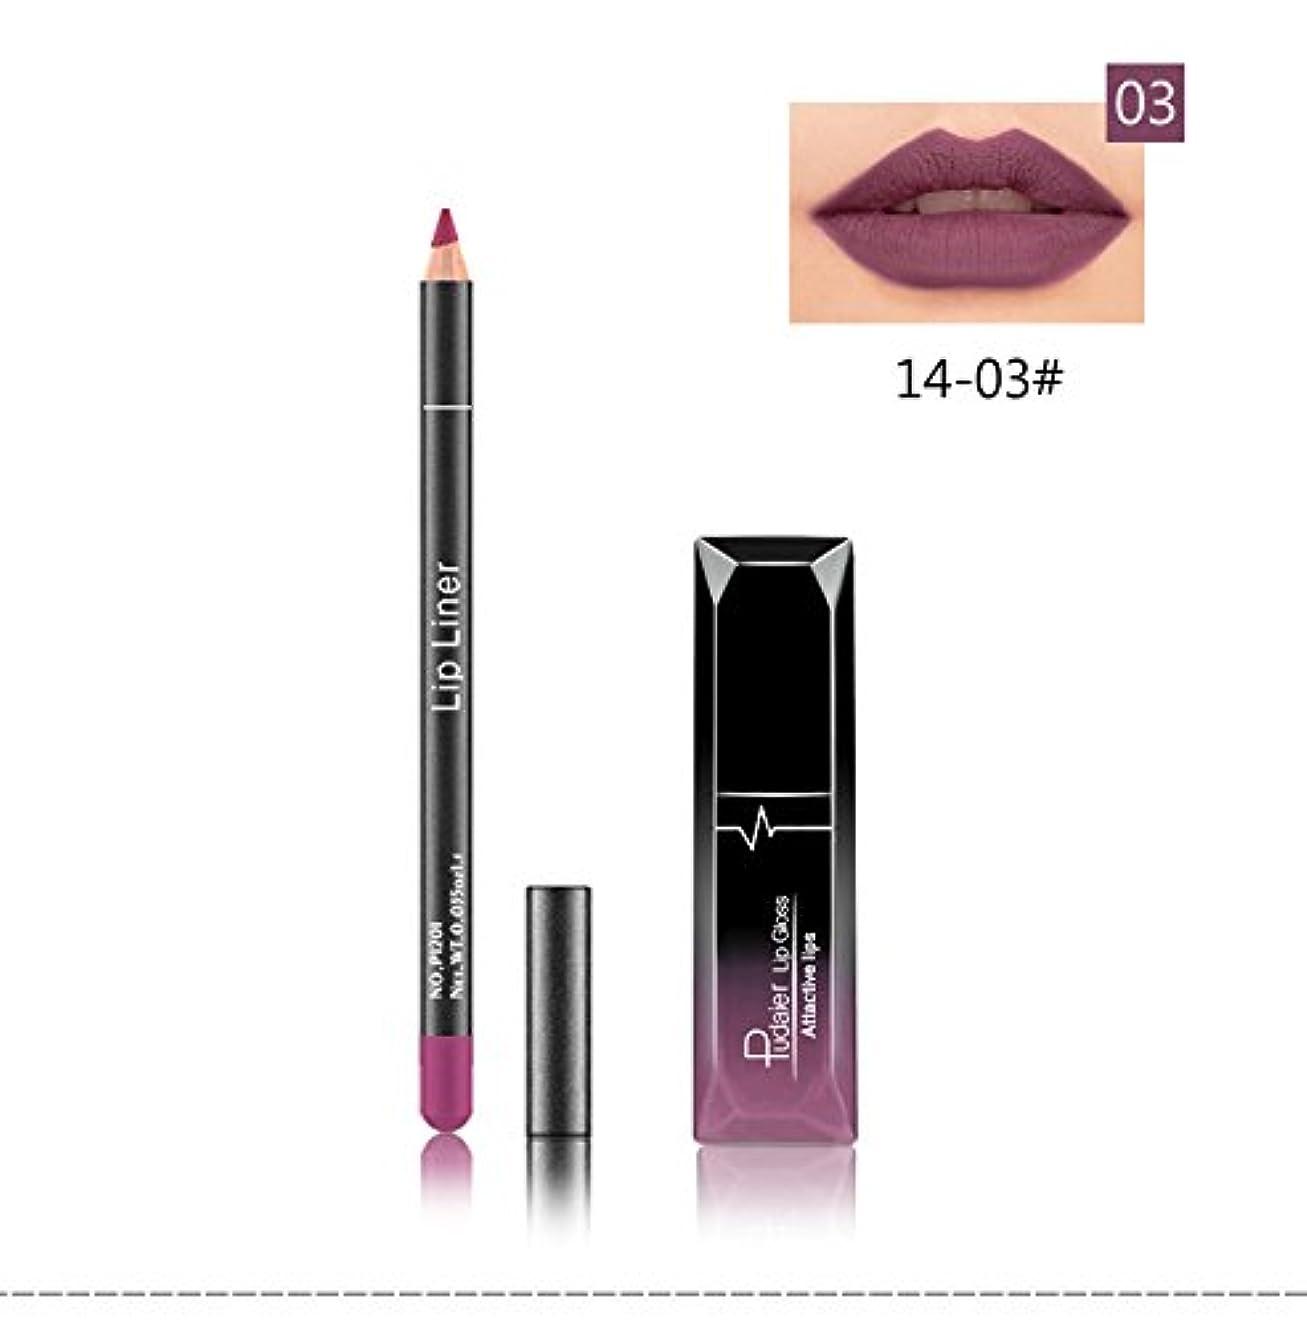 結び目賞賛王朝(03) Pudaier 1pc Matte Liquid Lipstick Cosmetic Lip Kit+ 1 Pc Nude Lip Liner Pencil MakeUp Set Waterproof Long...